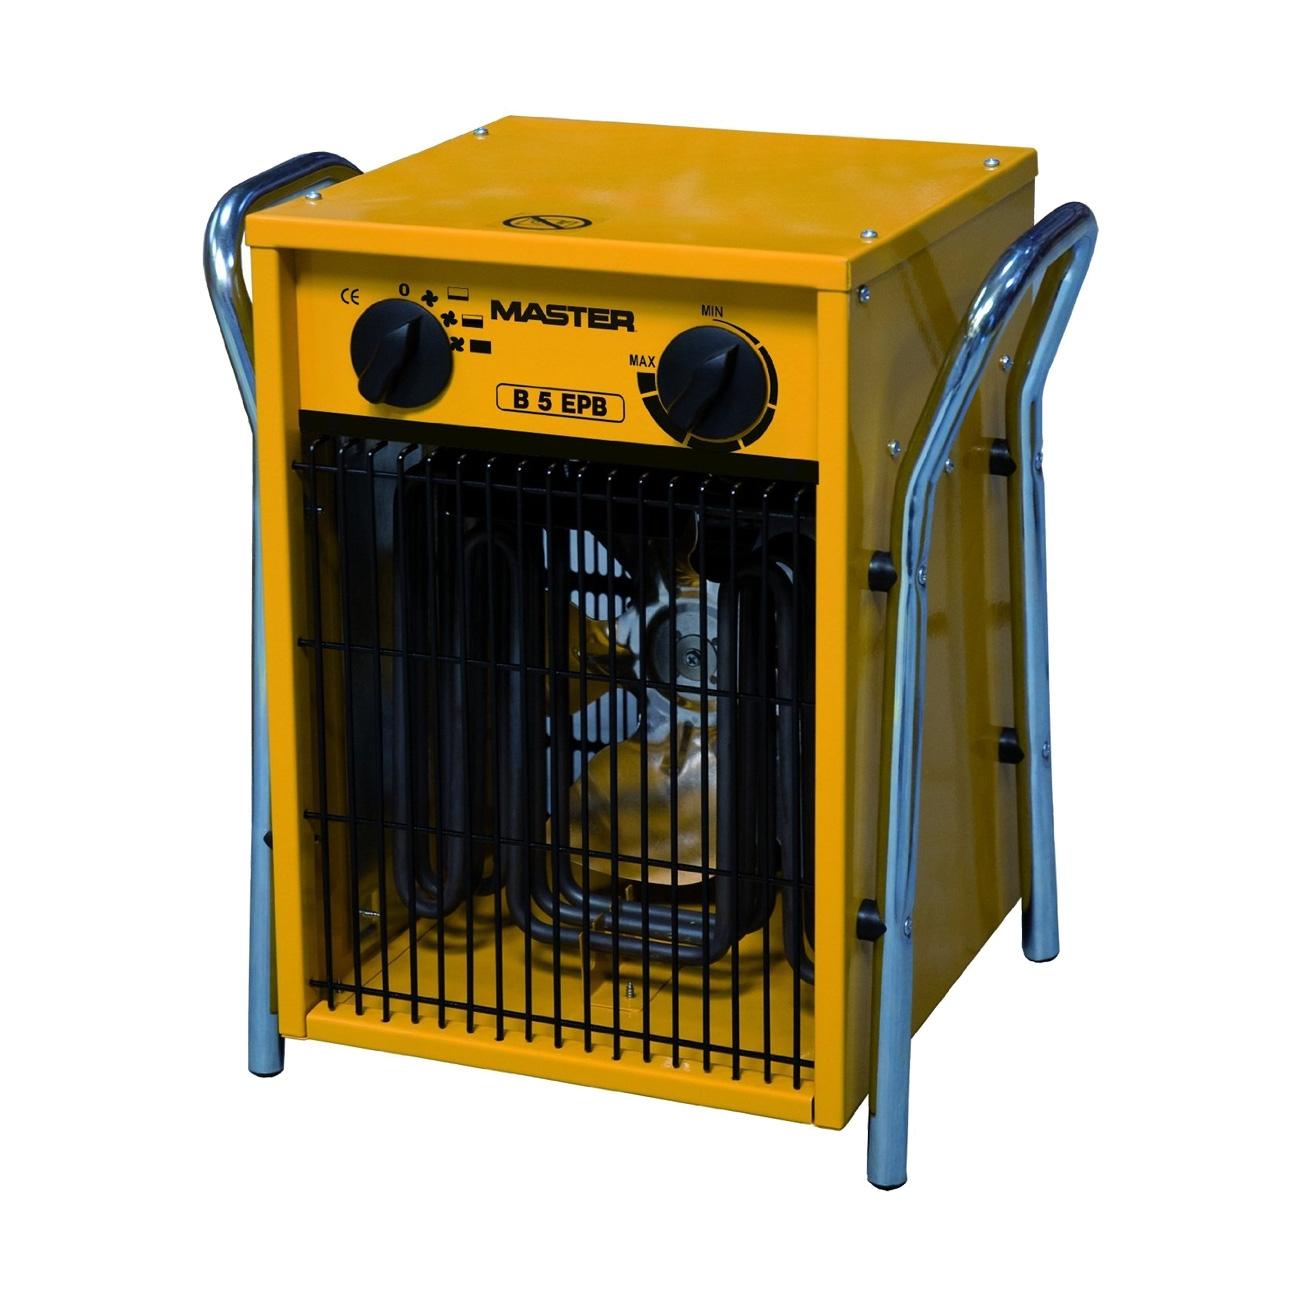 Generador de aire caliente con ventilador trifásico Master B5 EPB - Reacondicionado 1